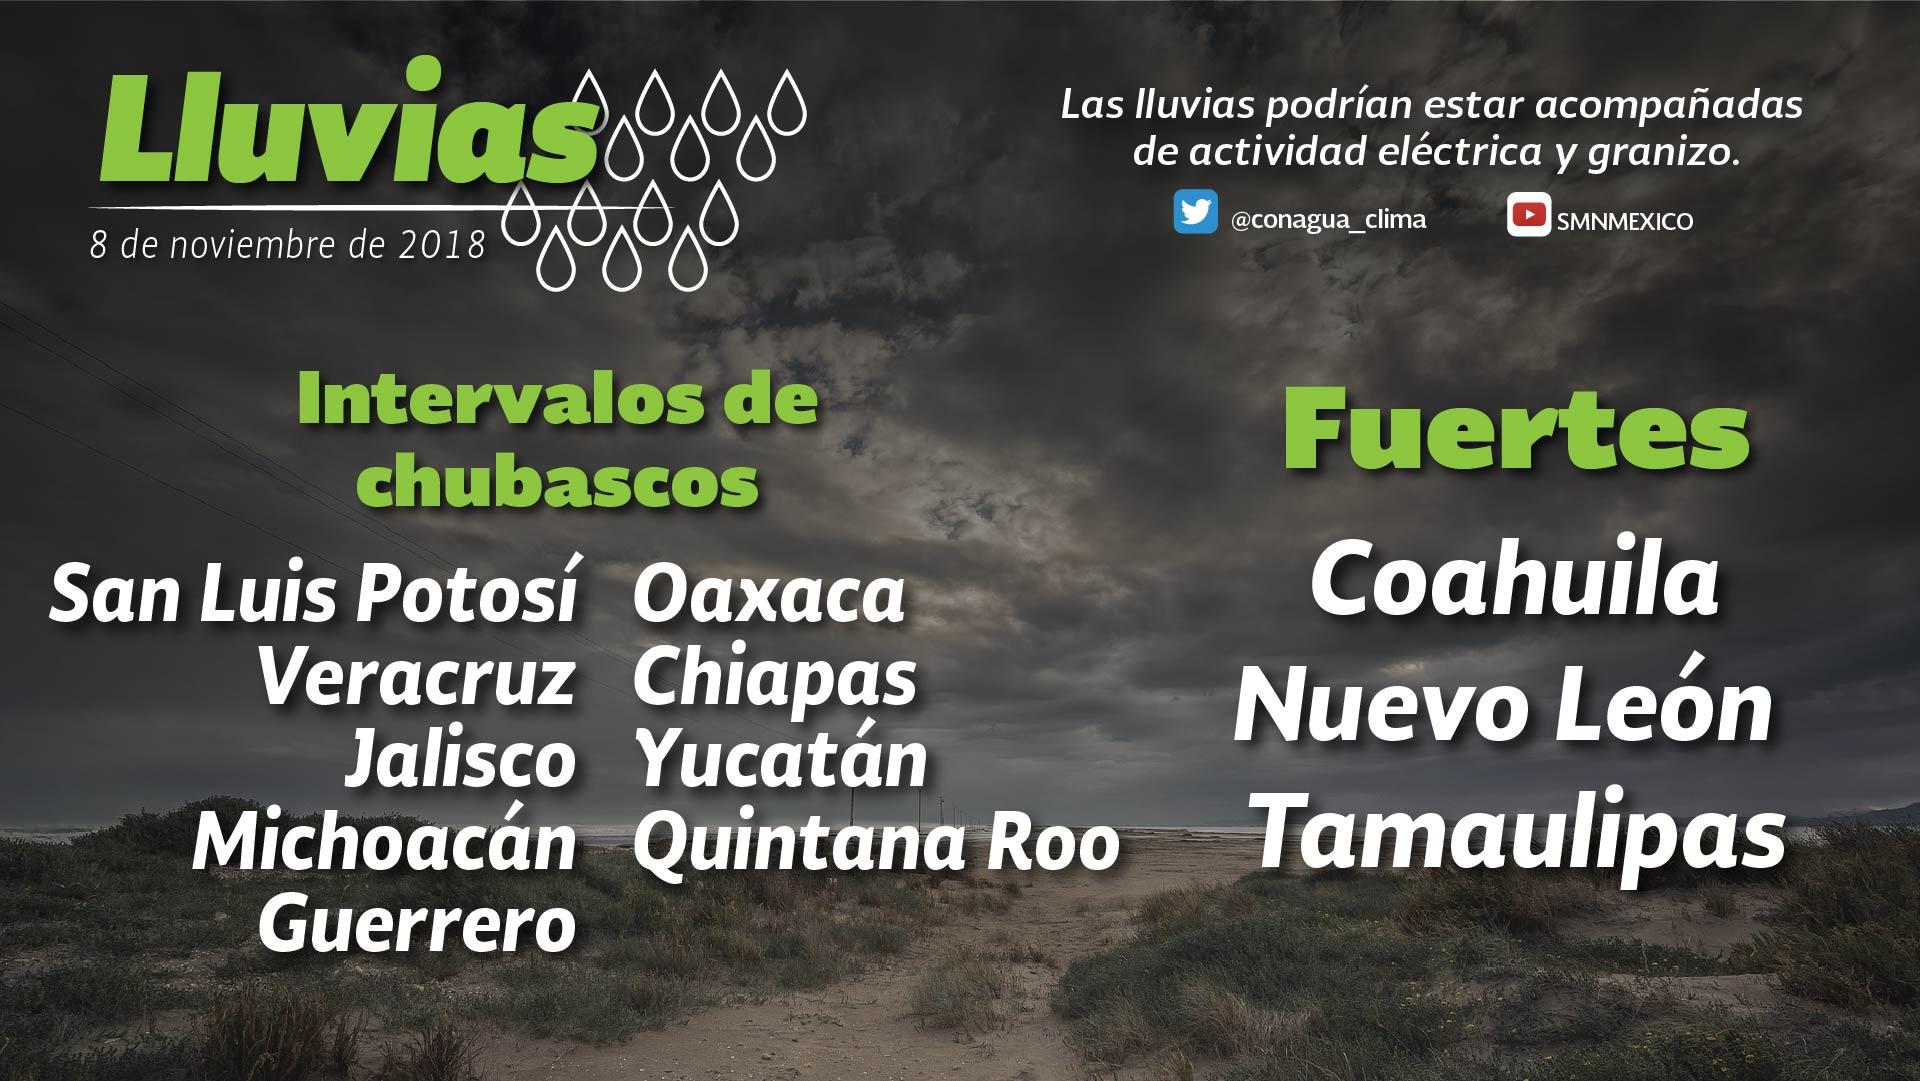 Persiste el pronóstico de cielo despejado y ambiente cálido durante el día para Tlaxcala